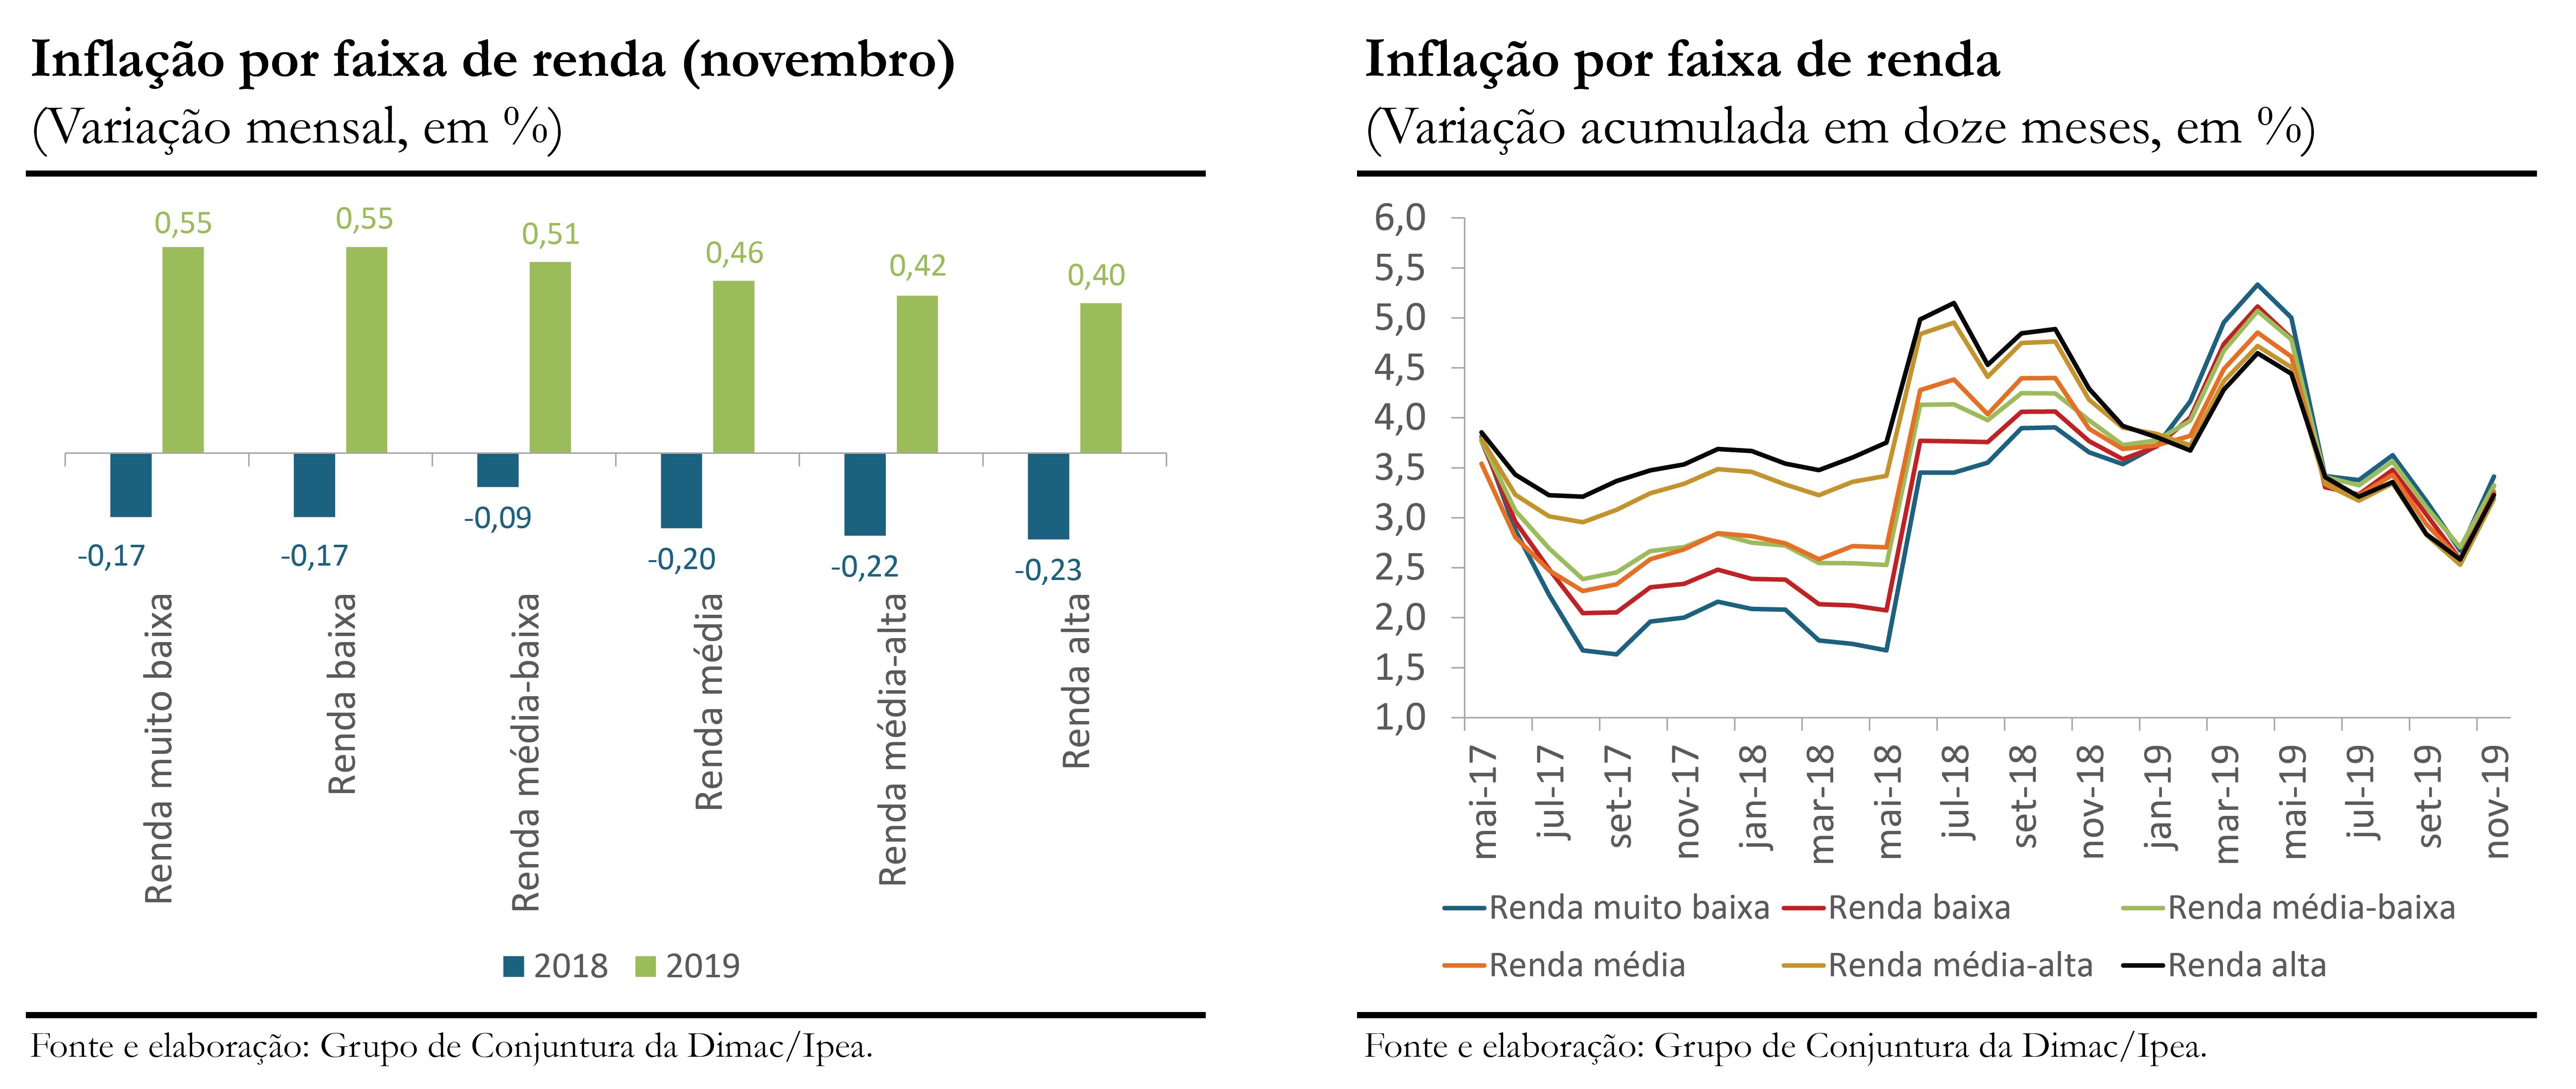 191210_cc_45_inflacao_por_faixa_de_renda_grafico_01_e_02